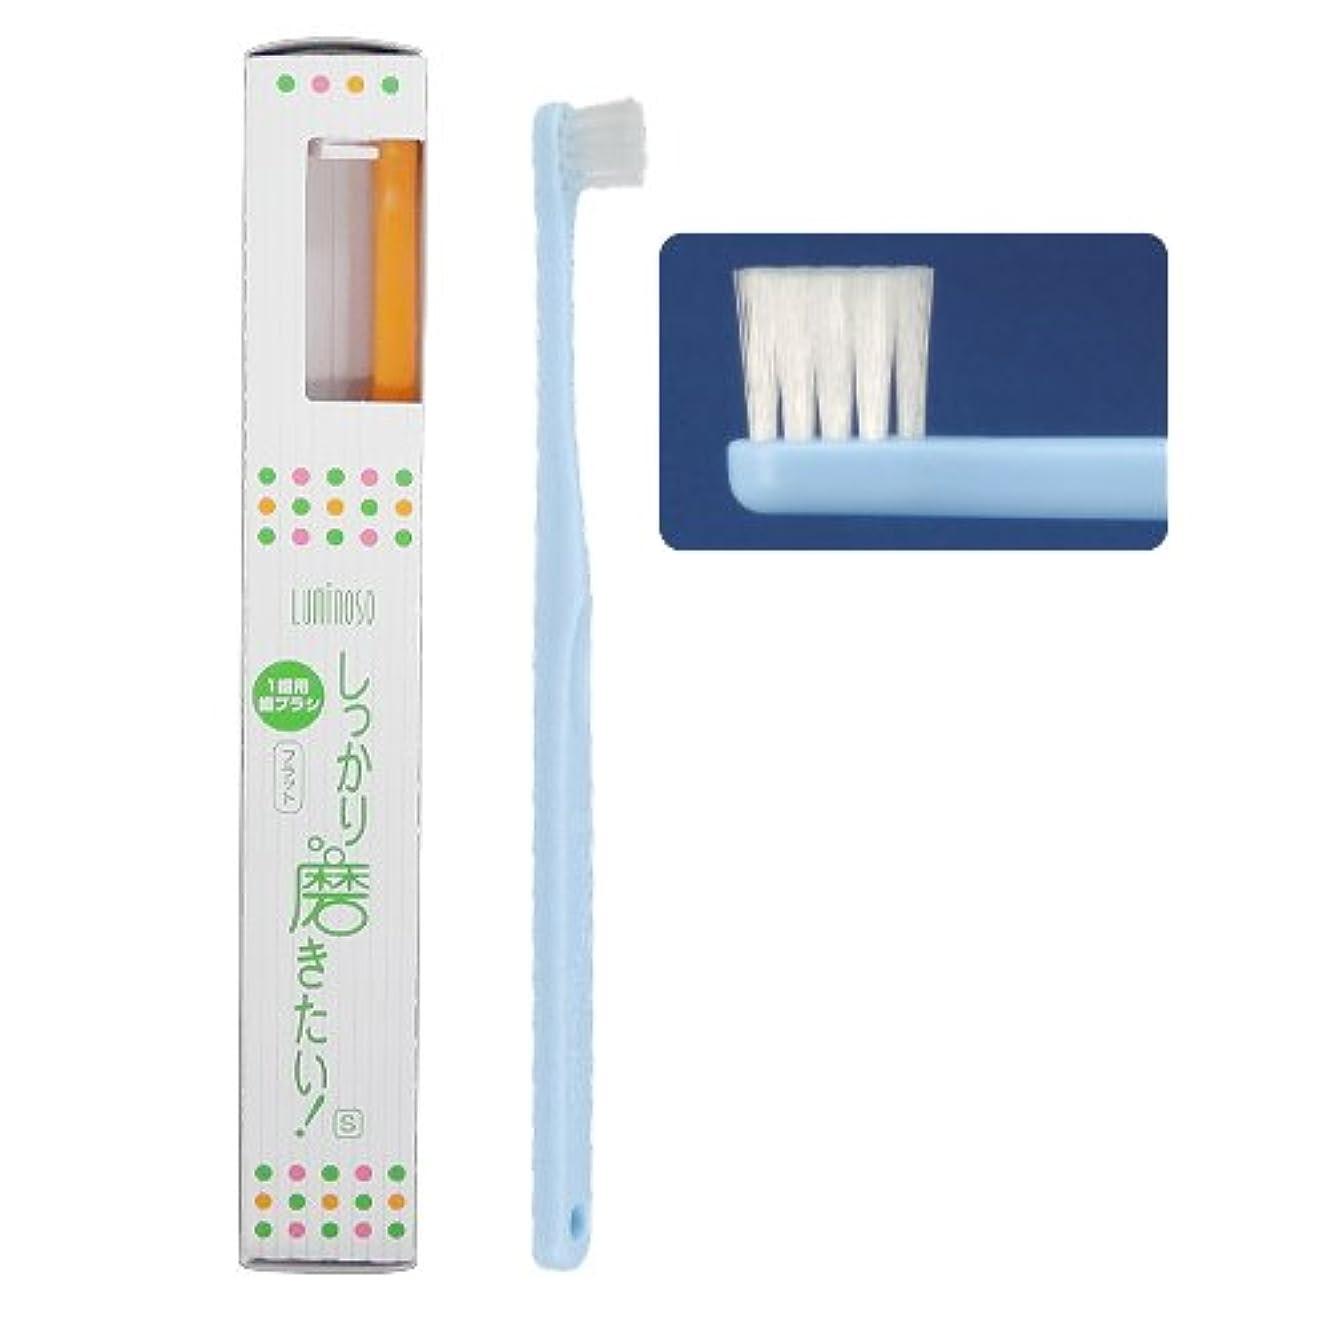 黒くするアプローチ圧倒するルミノソ 1歯用歯ブラシ 「しっかり磨きたい!」 フラット/ソフト